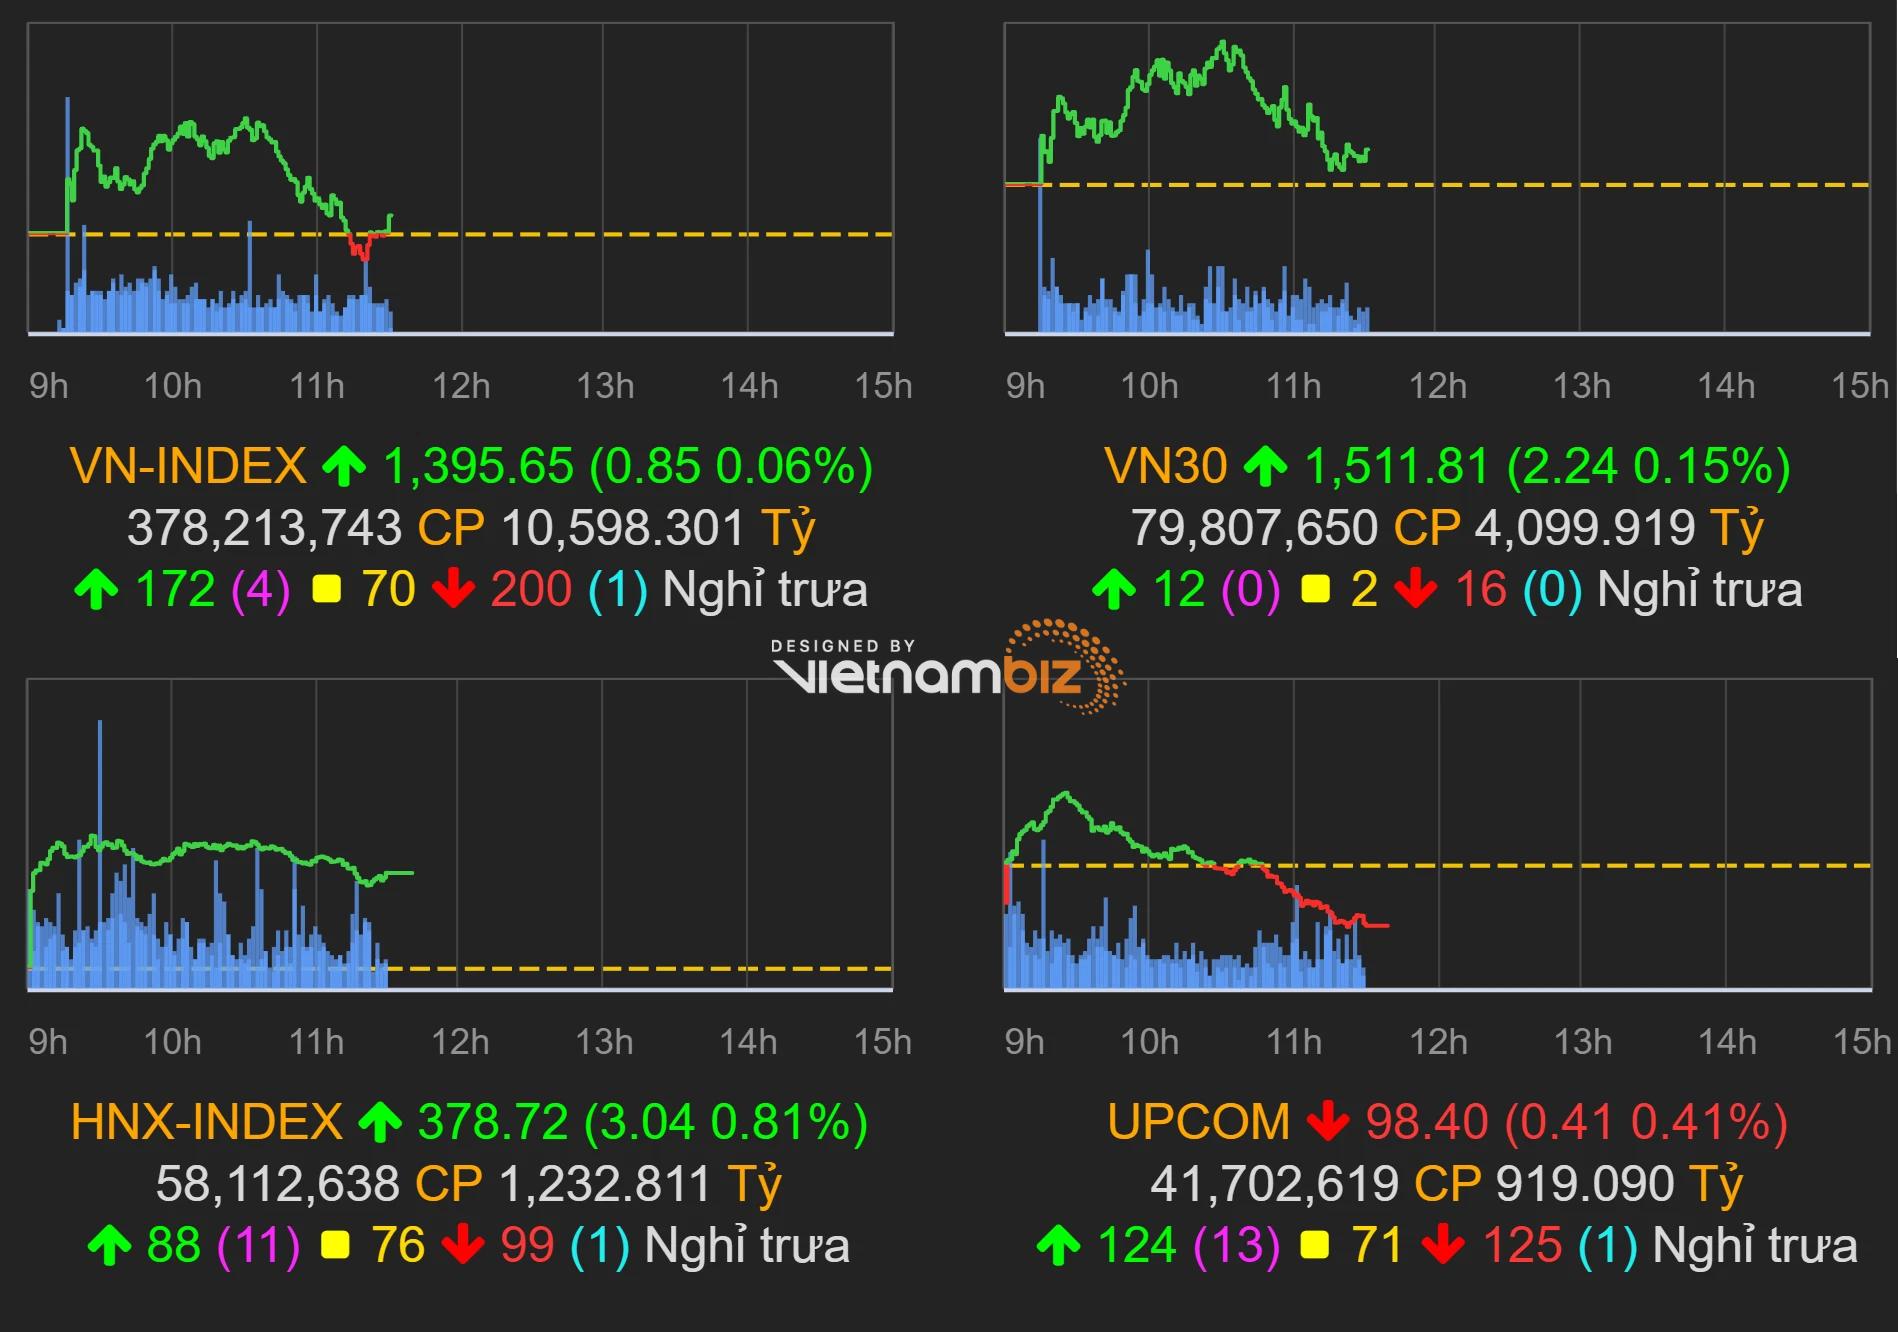 Thị trường chứng khoán (13/10): Họ ngân hàng, dầu khí bị bán mạnh, VN-Index hụt hơi cuối phiên sáng - Ảnh 1.